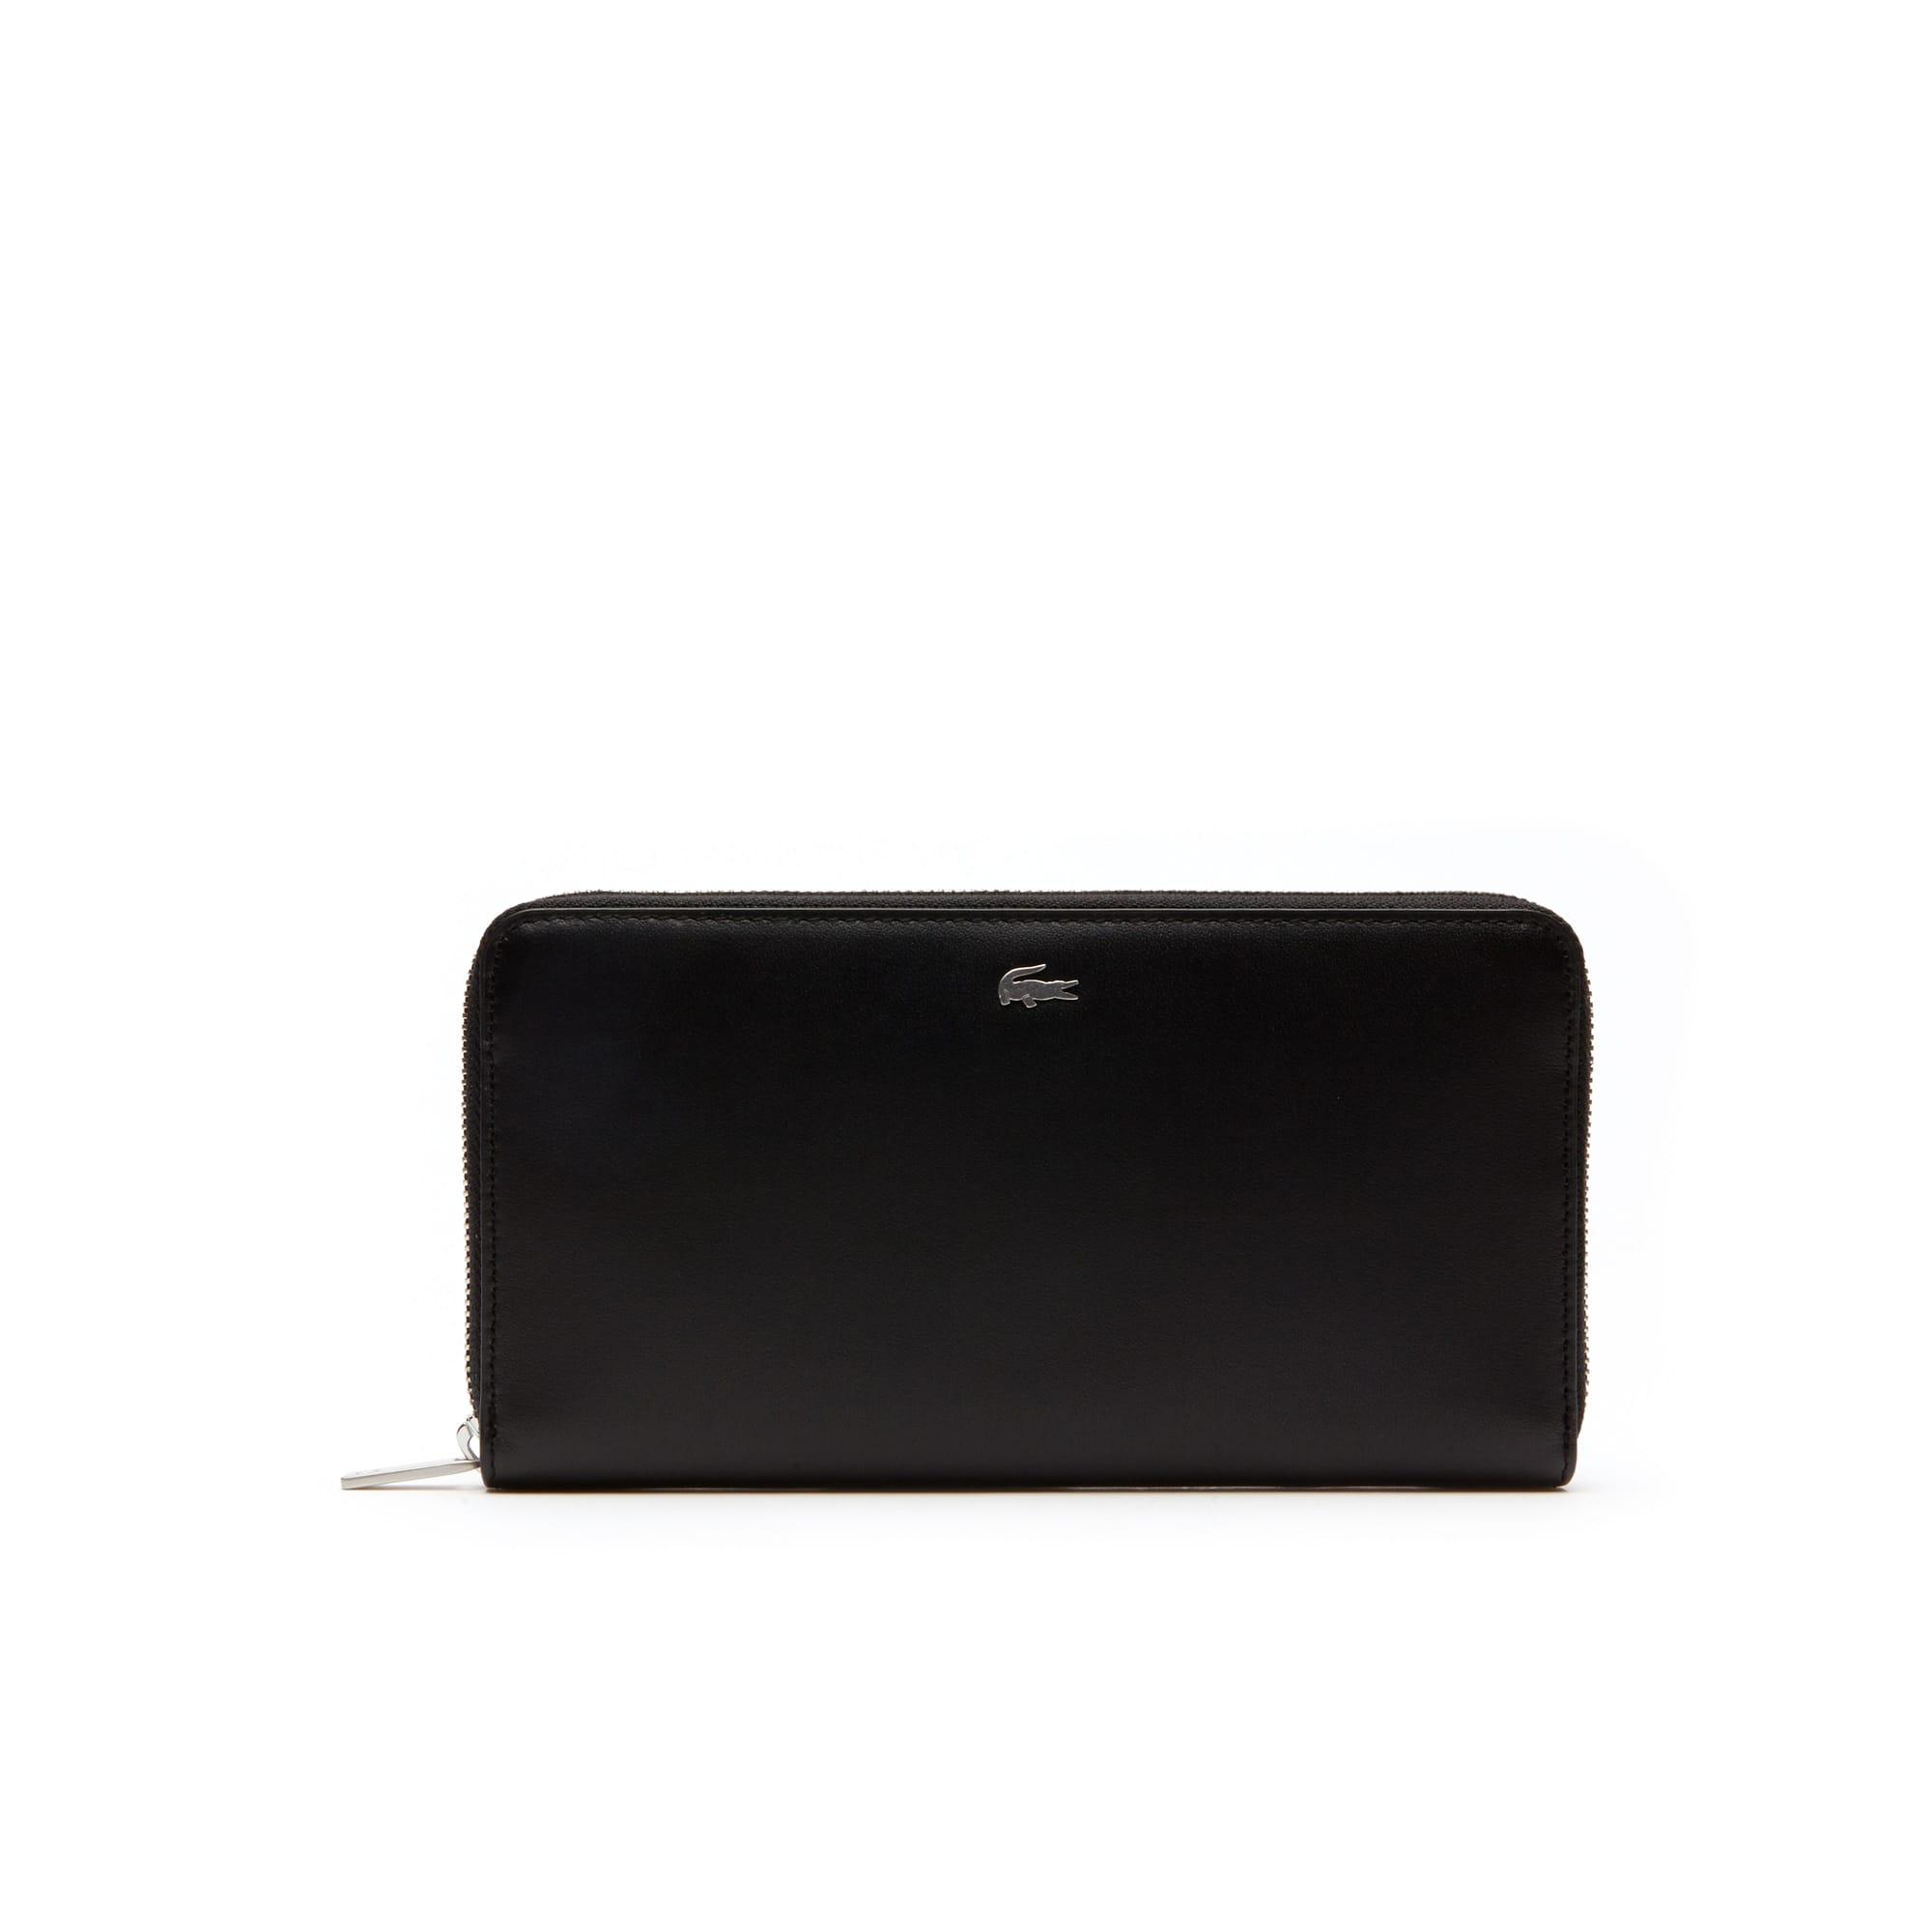 Portefeuille zippé Fitzgerald en cuir color block 6 cartes